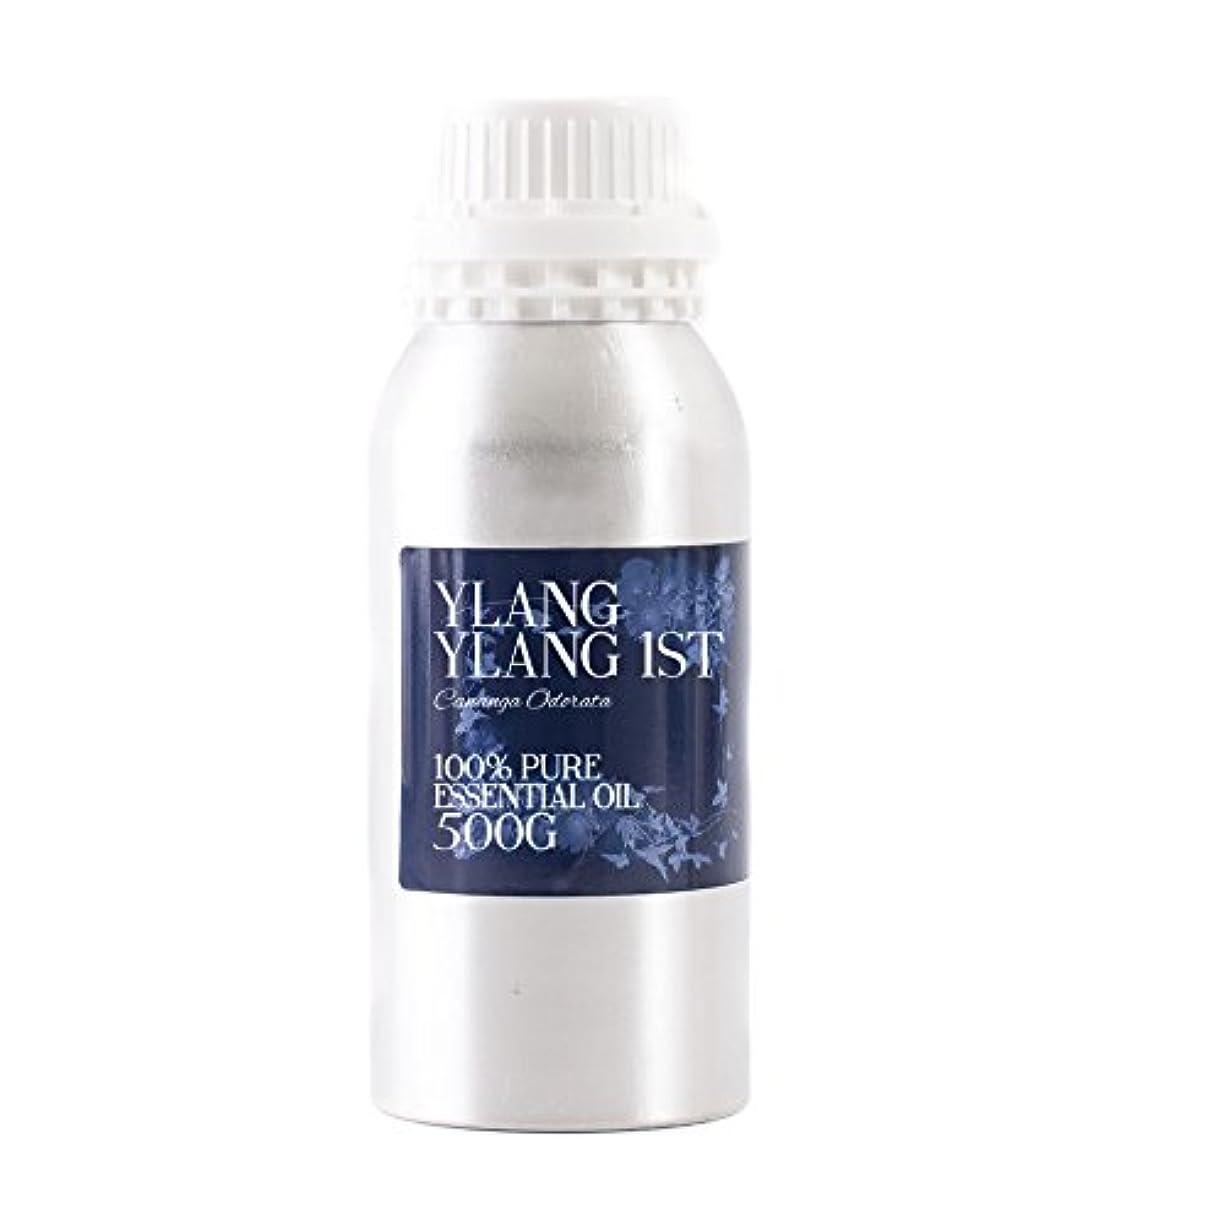 ハイブリッドかび臭い微妙Mystic Moments | Ylang Ylang 1st Essential Oil - 500g - 100% Pure